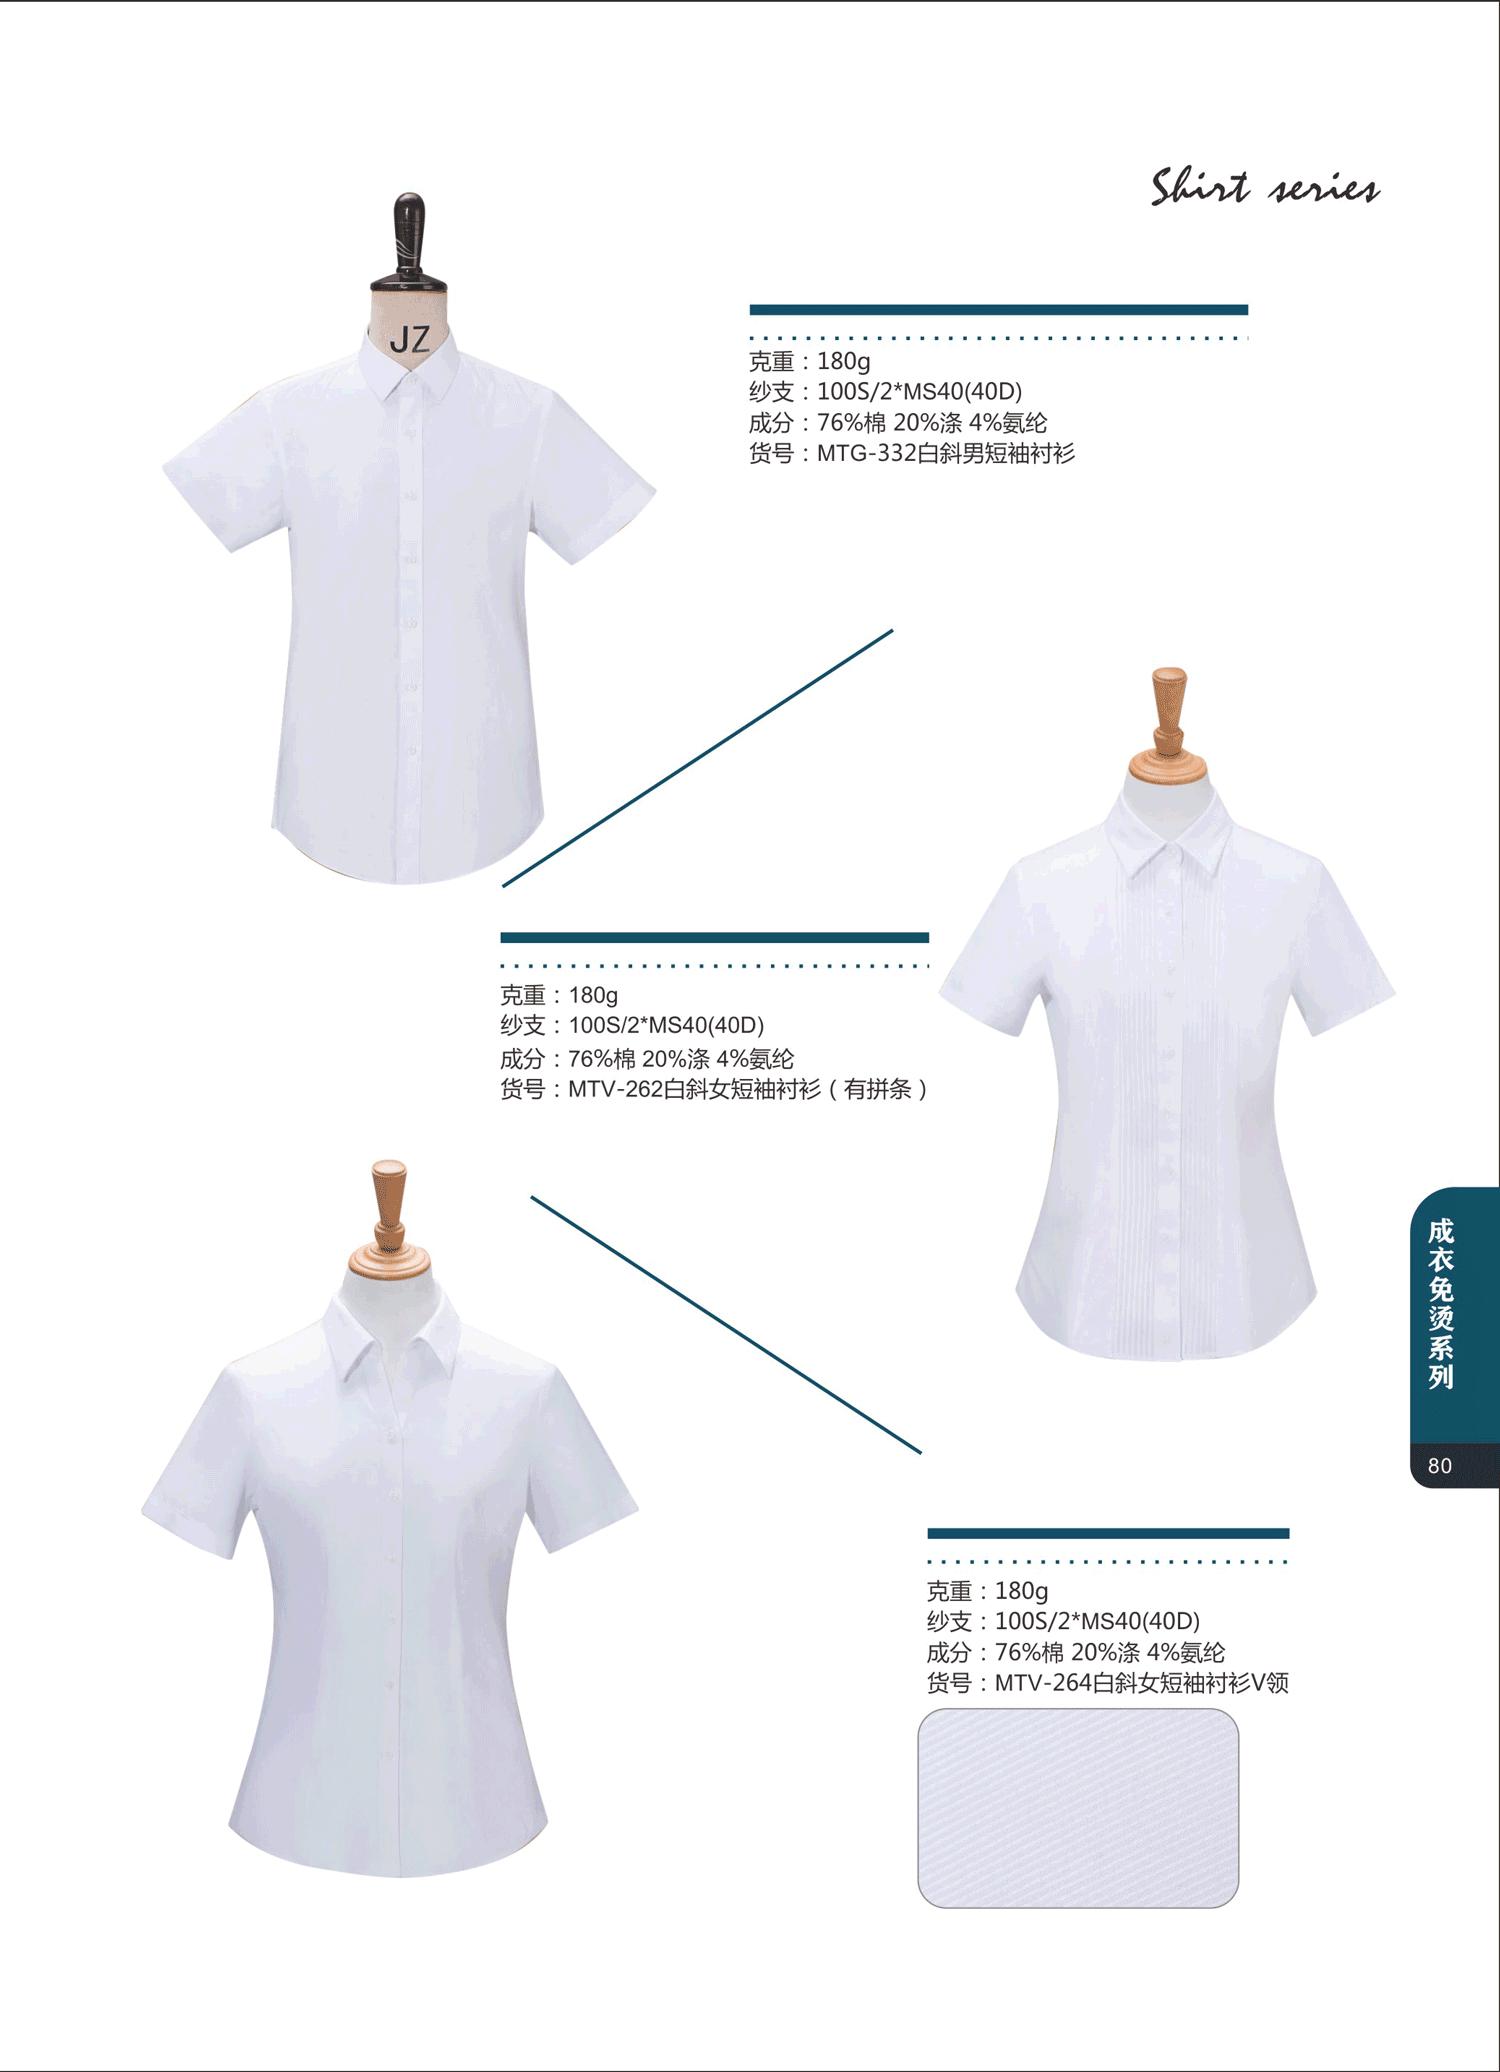 衬衫订制这些细节你知道吗